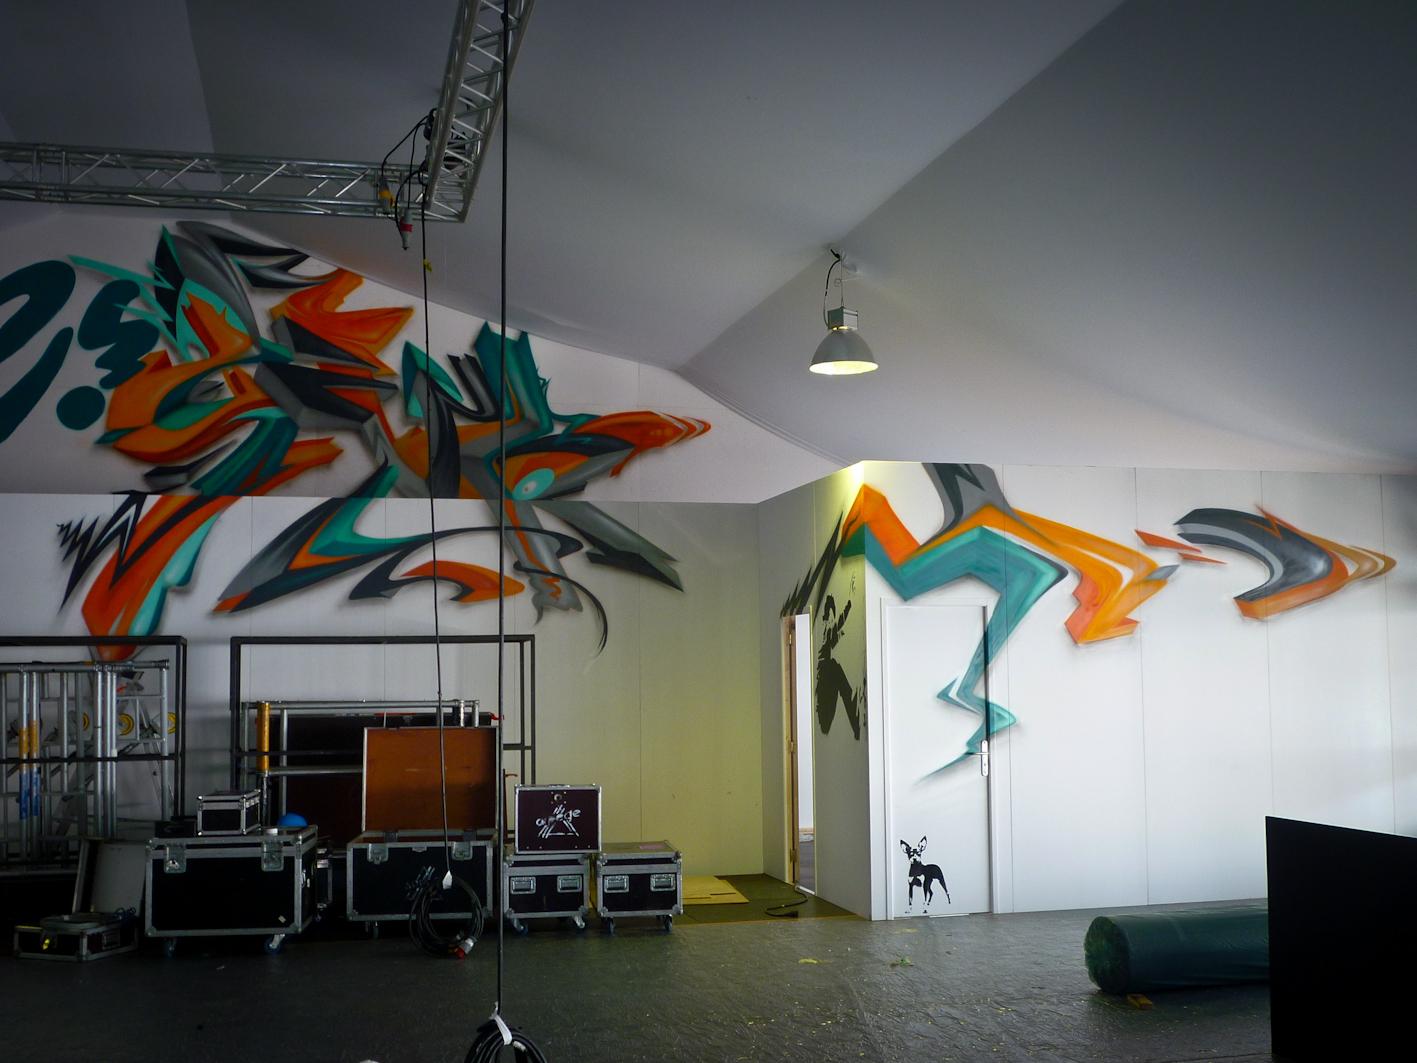 Graffiti interieur maison maison moderne for Art deco interieur maison